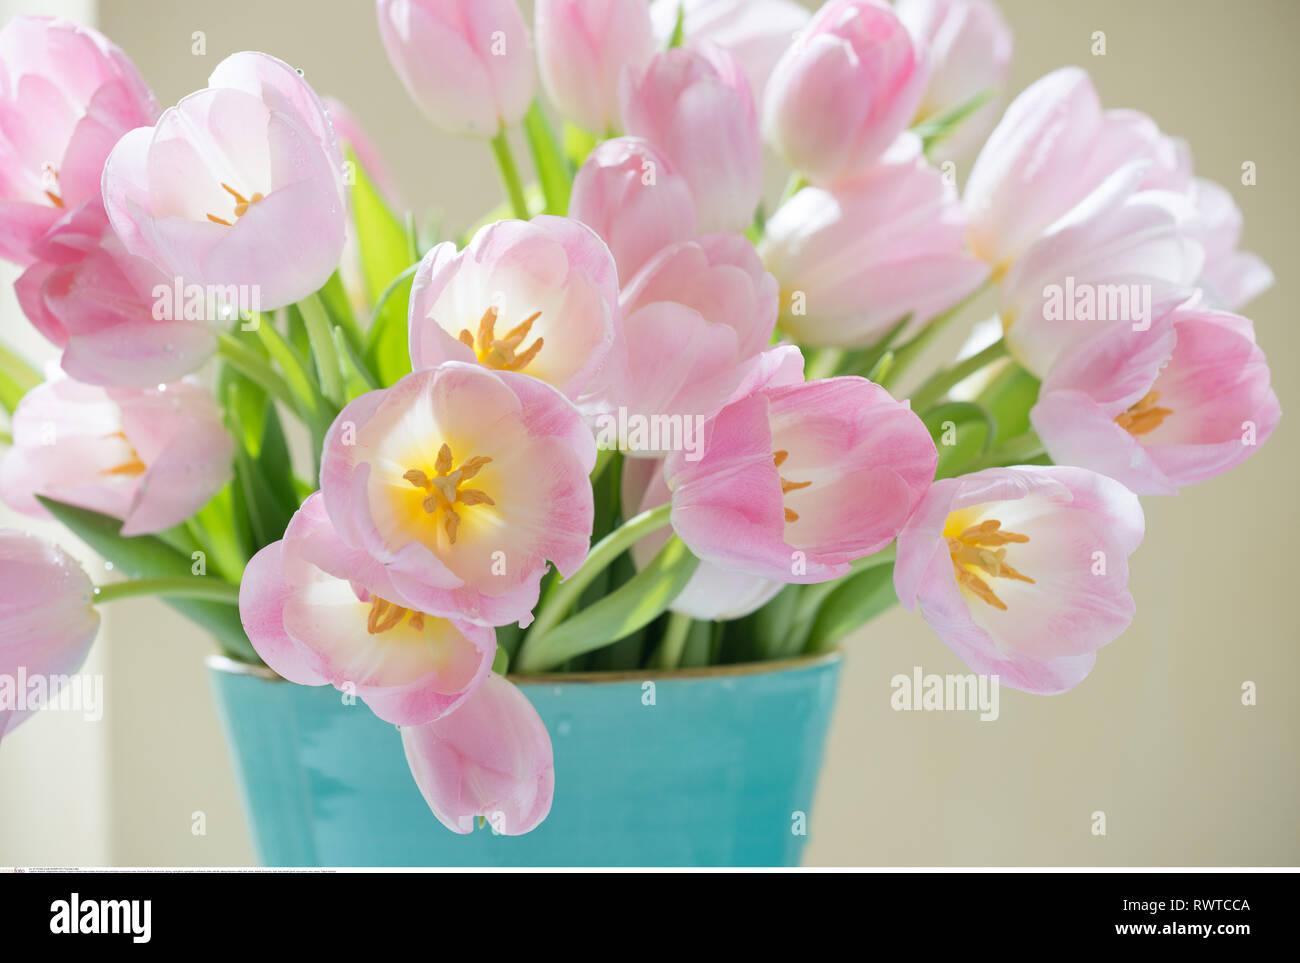 La botanica, fiorire rosa pallido tulipani in turquoi, attenzione! Per Greetingcard-Use / Postcard-Use nei Paesi di lingua tedesca talune restrizioni possono applicare Immagini Stock